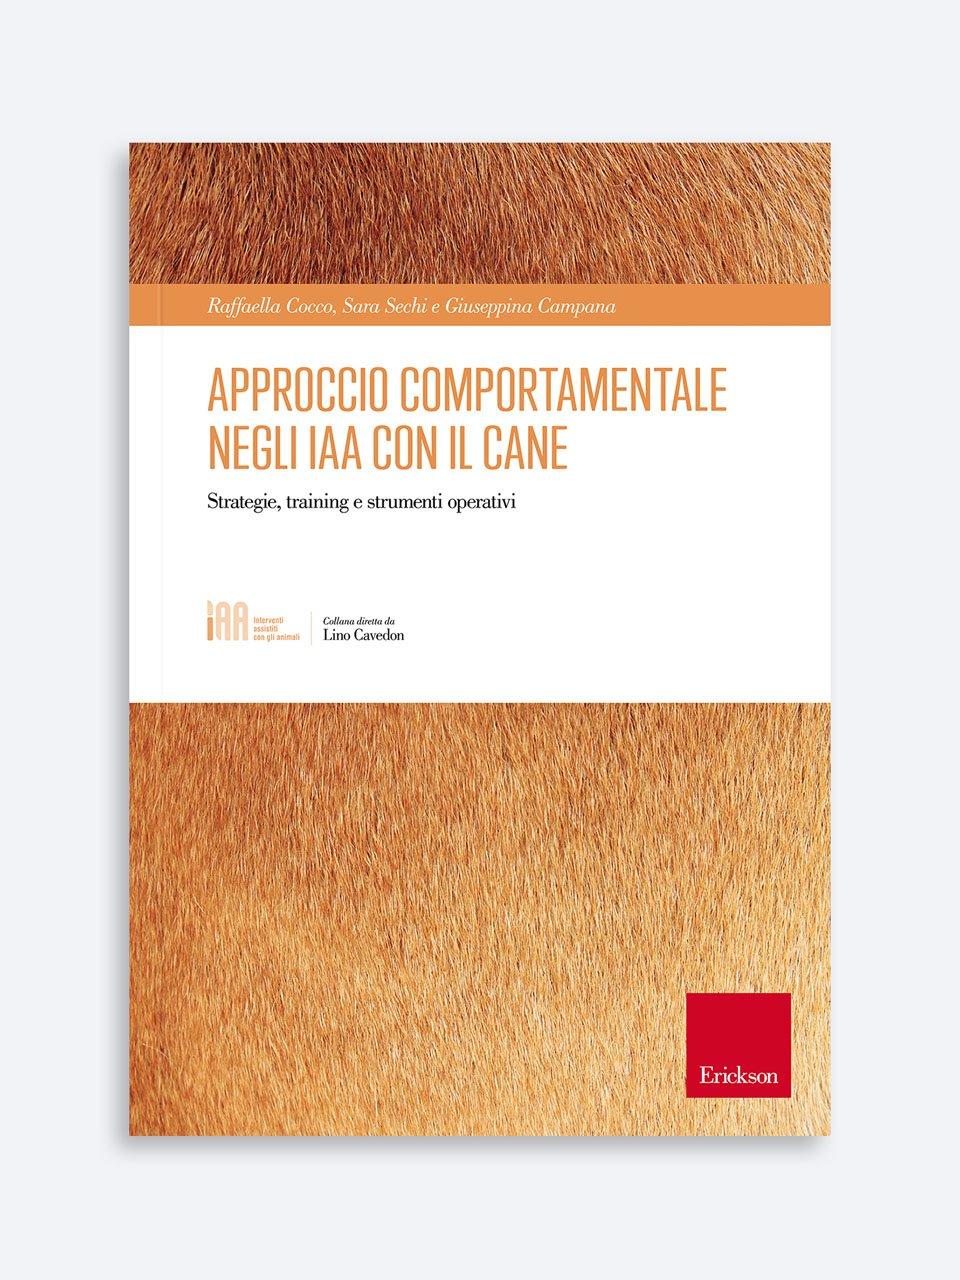 Approccio comportamentale negli IAA con il cane - ICF-CY - Libri - Erickson